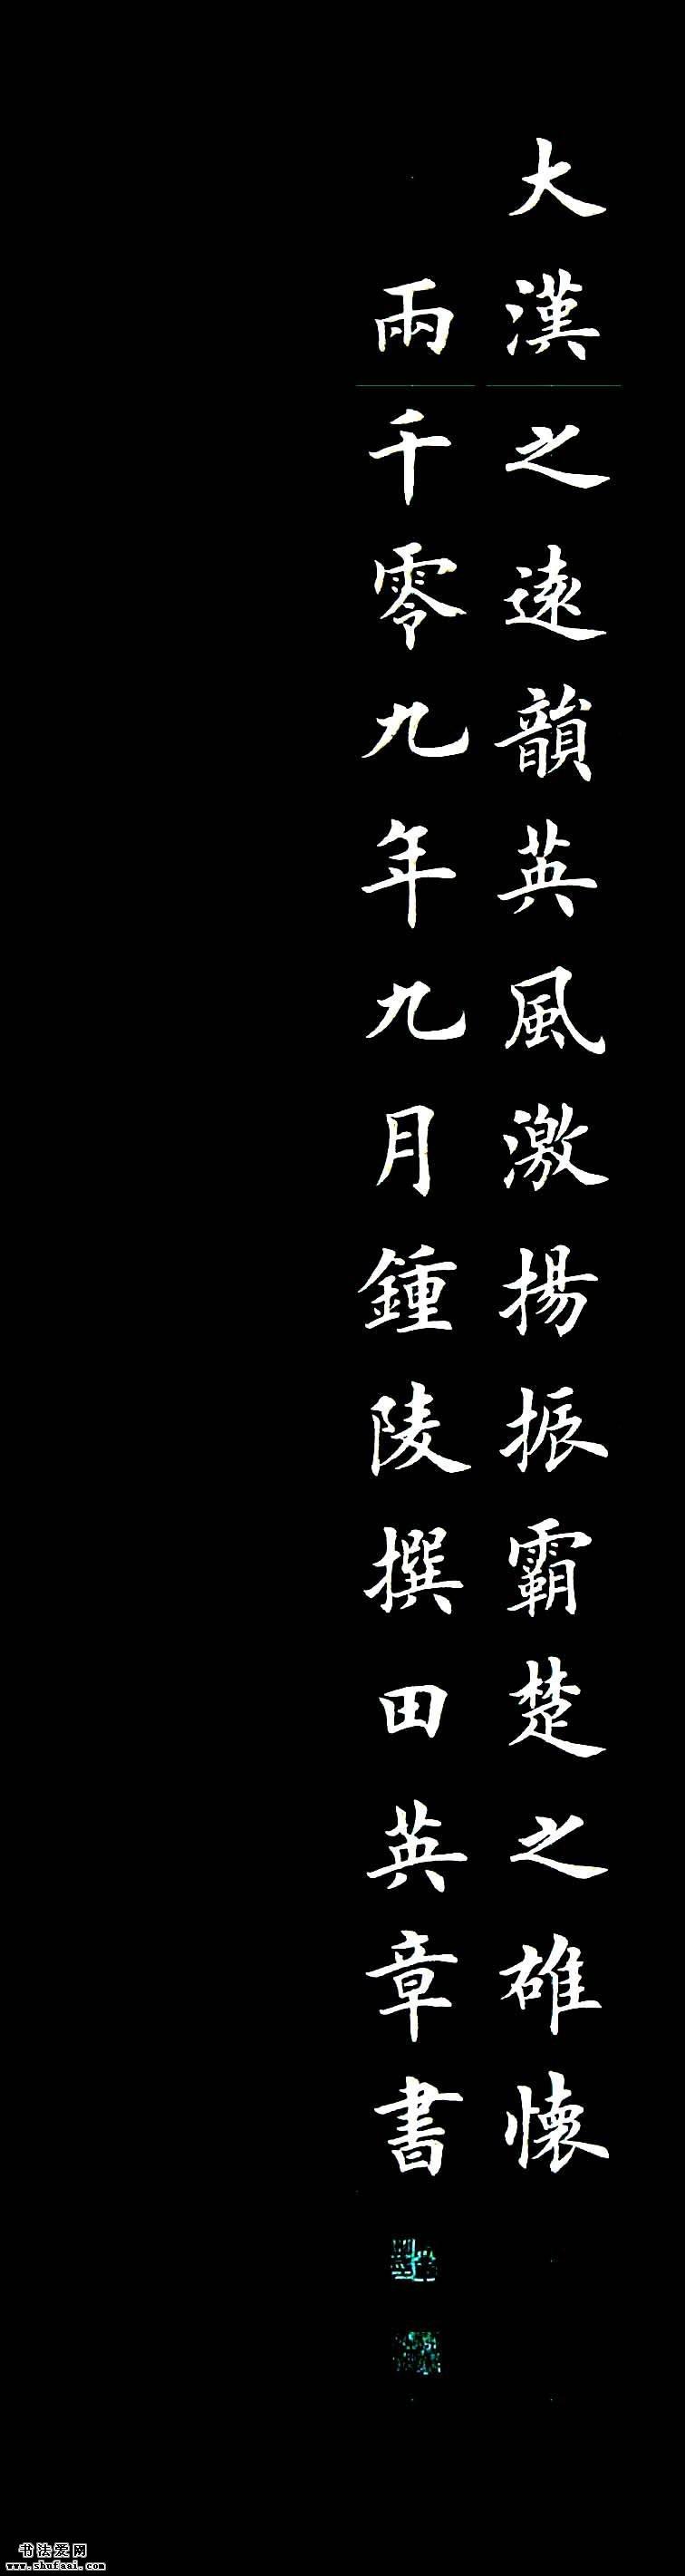 田英章楷书银杏赋6